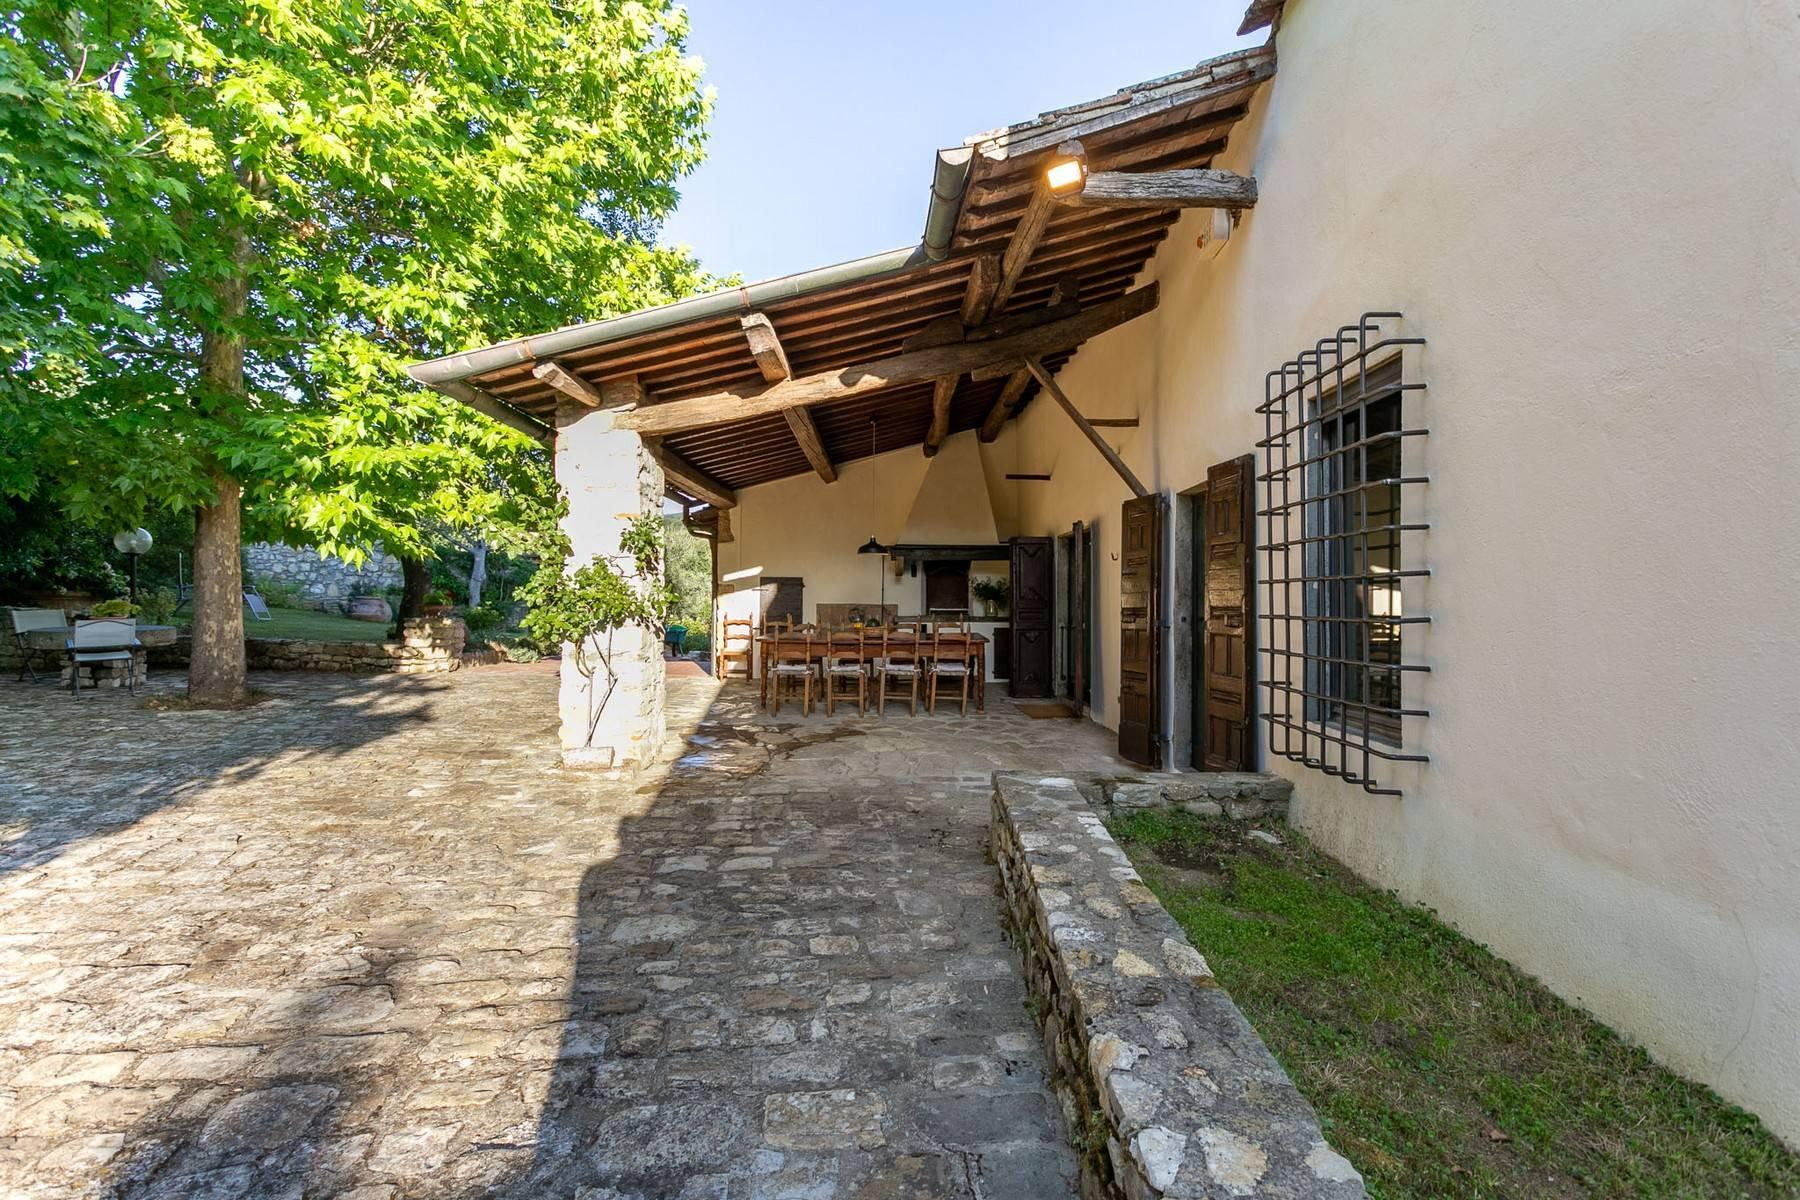 Villa mitten im Grünen in der Nähe von Florenz - 3